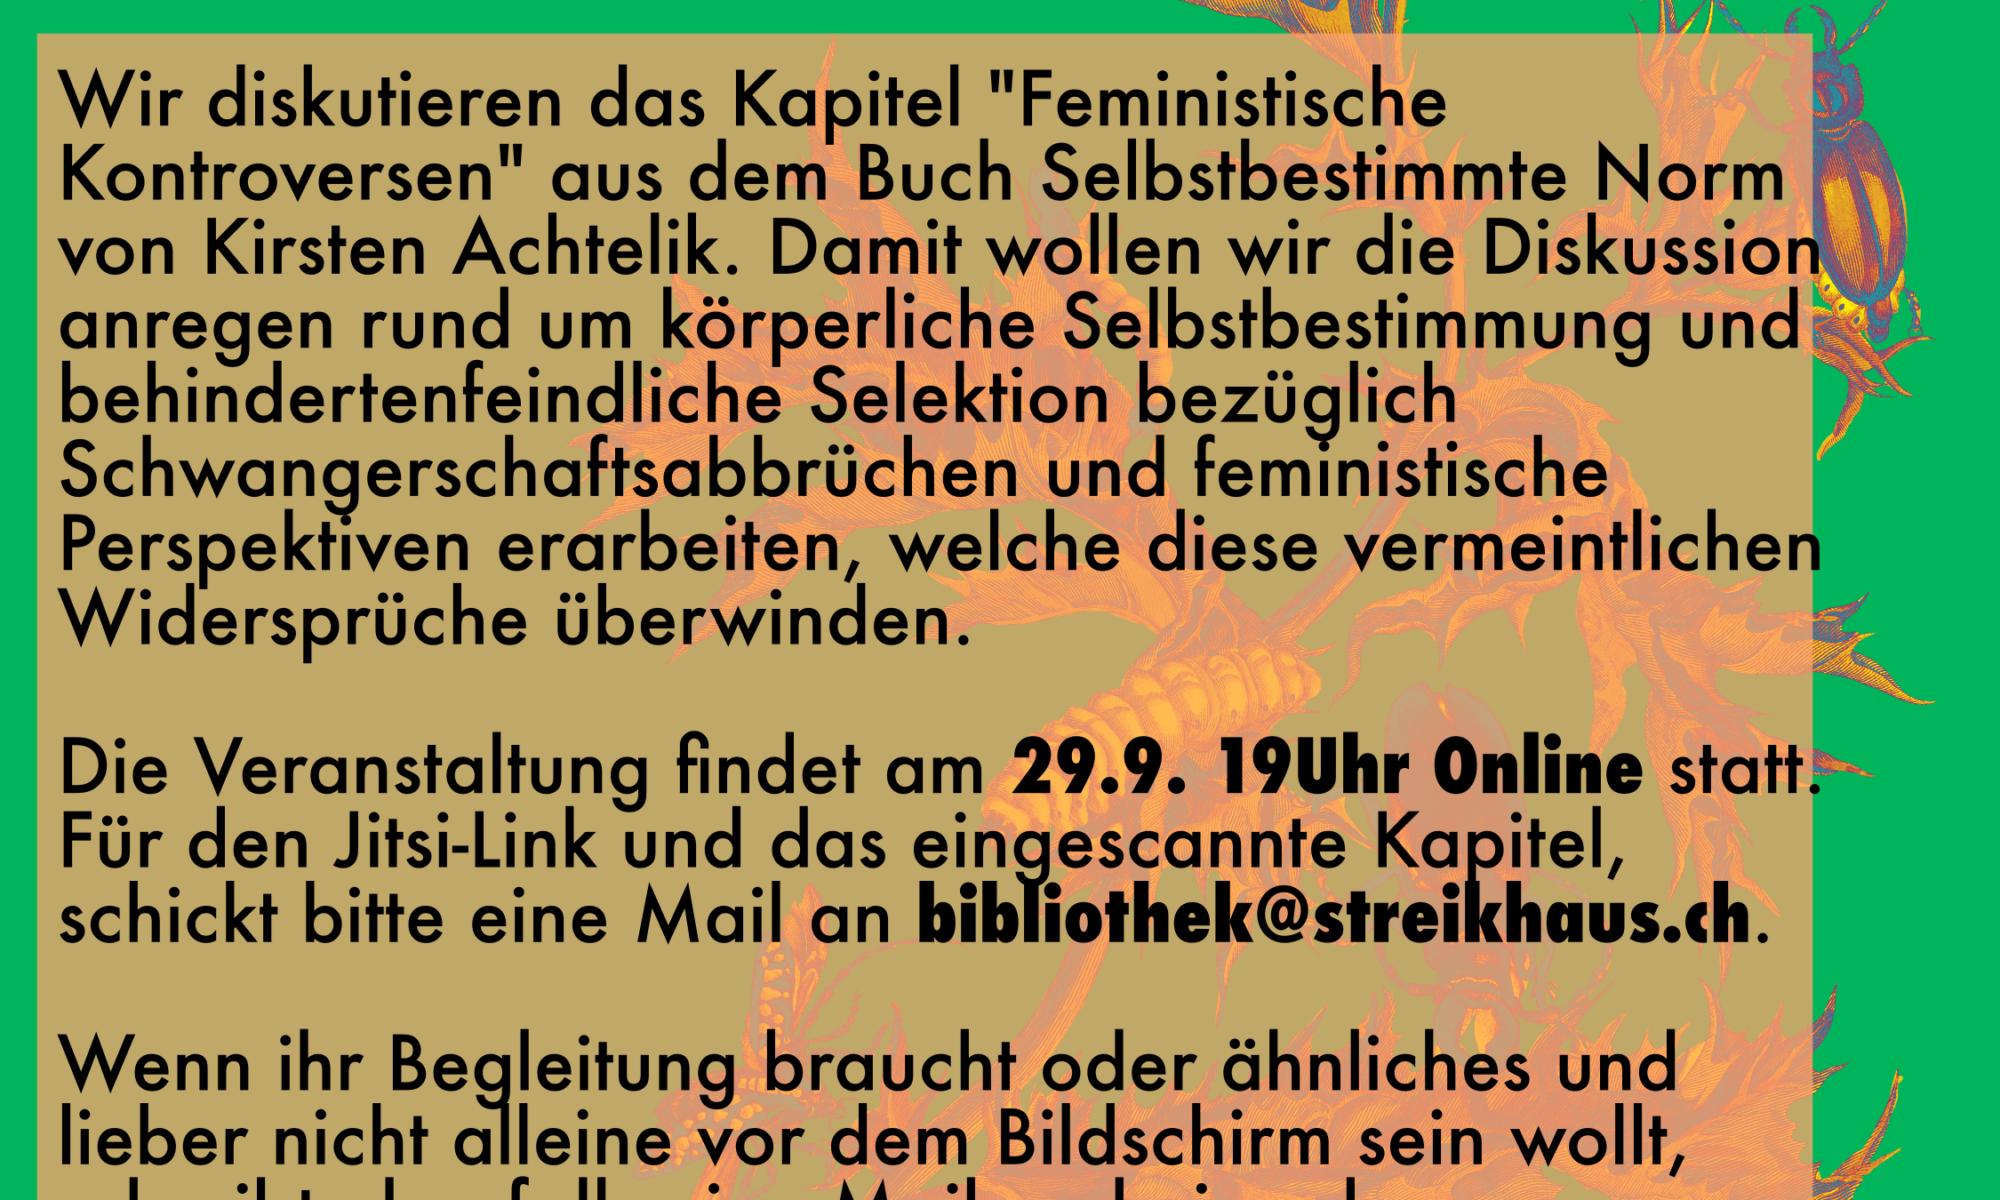 Flyer zur Veranstaltung (Text siehe Veranstaltung). Der Text ist auf einem orangen durchscheinenden Rechteck dahinter ist eine orang-rote Blume auf knallgrünem Hintergrund. Darüber steht auf orangem HIntergrund der Titel